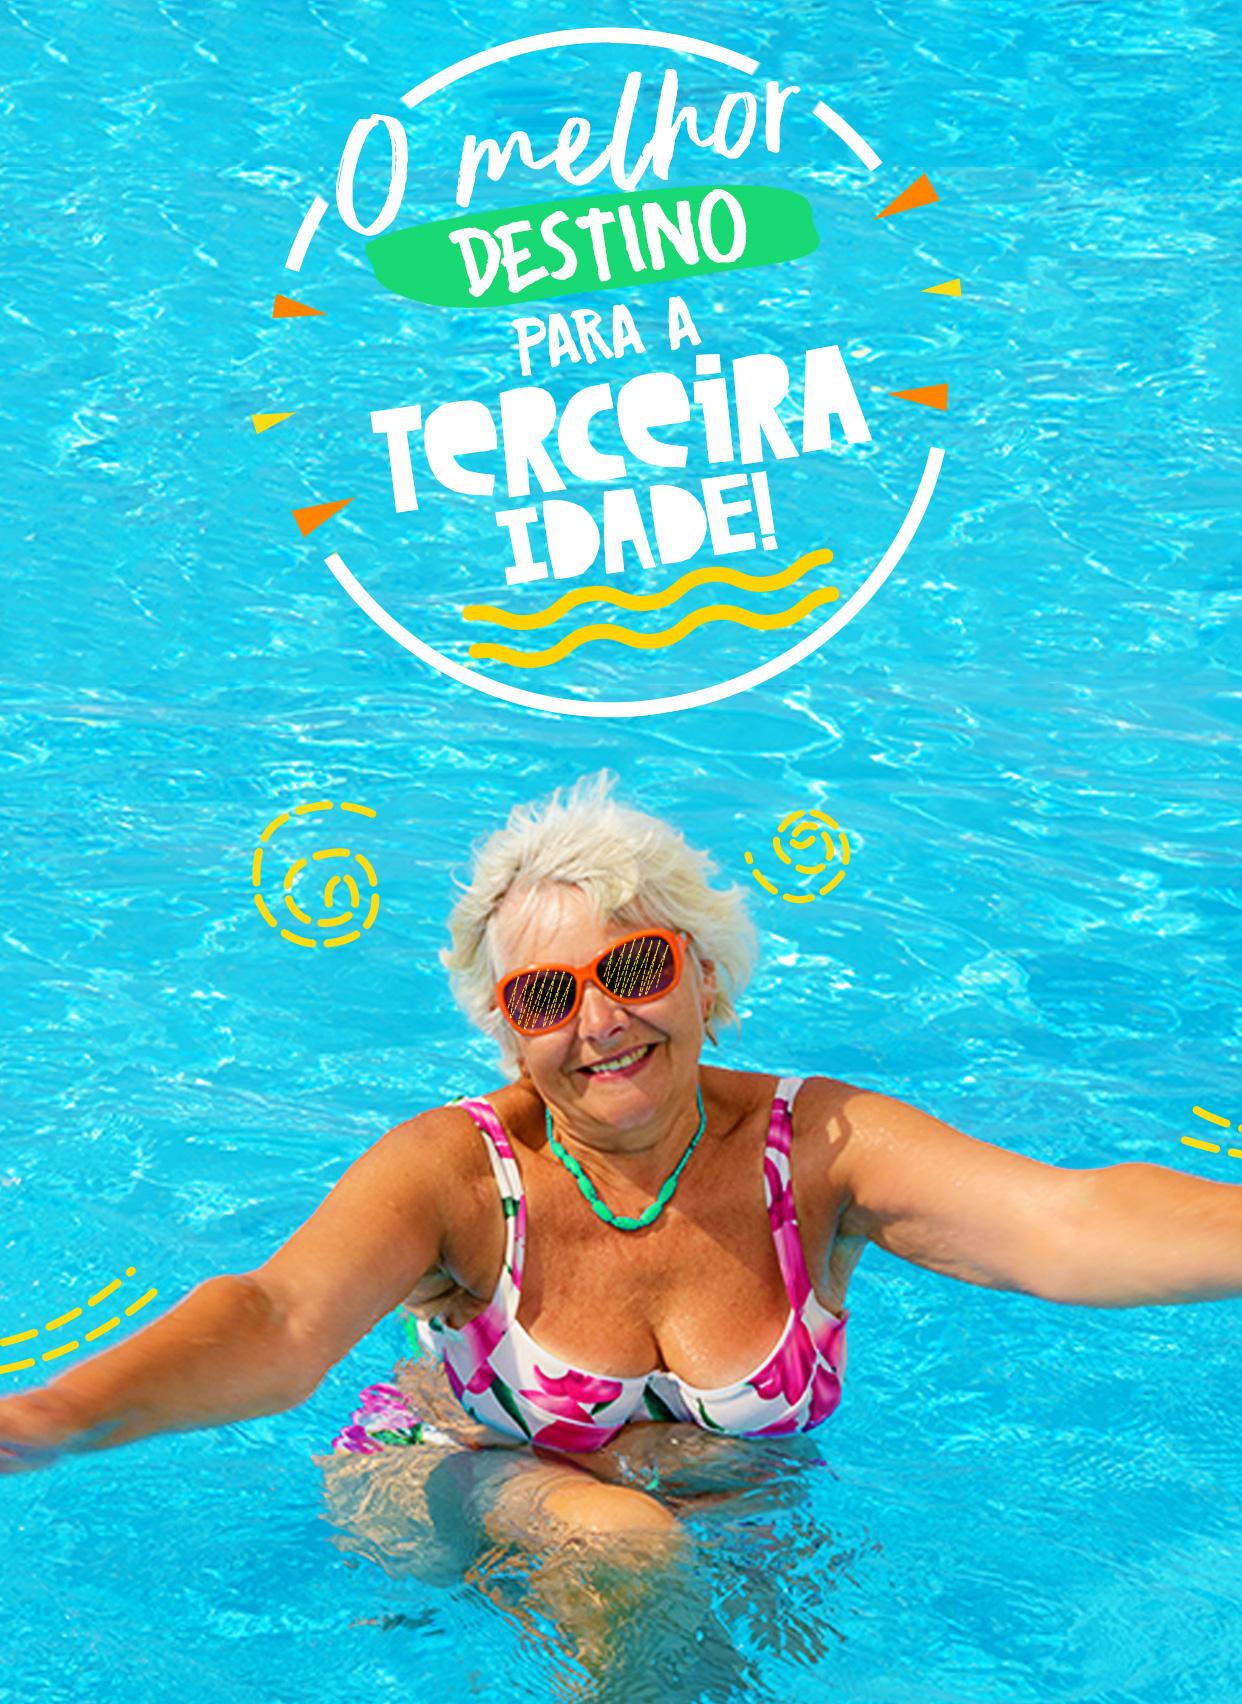 O melhor destino para a terceira idade em Caldas Novas, Goiás